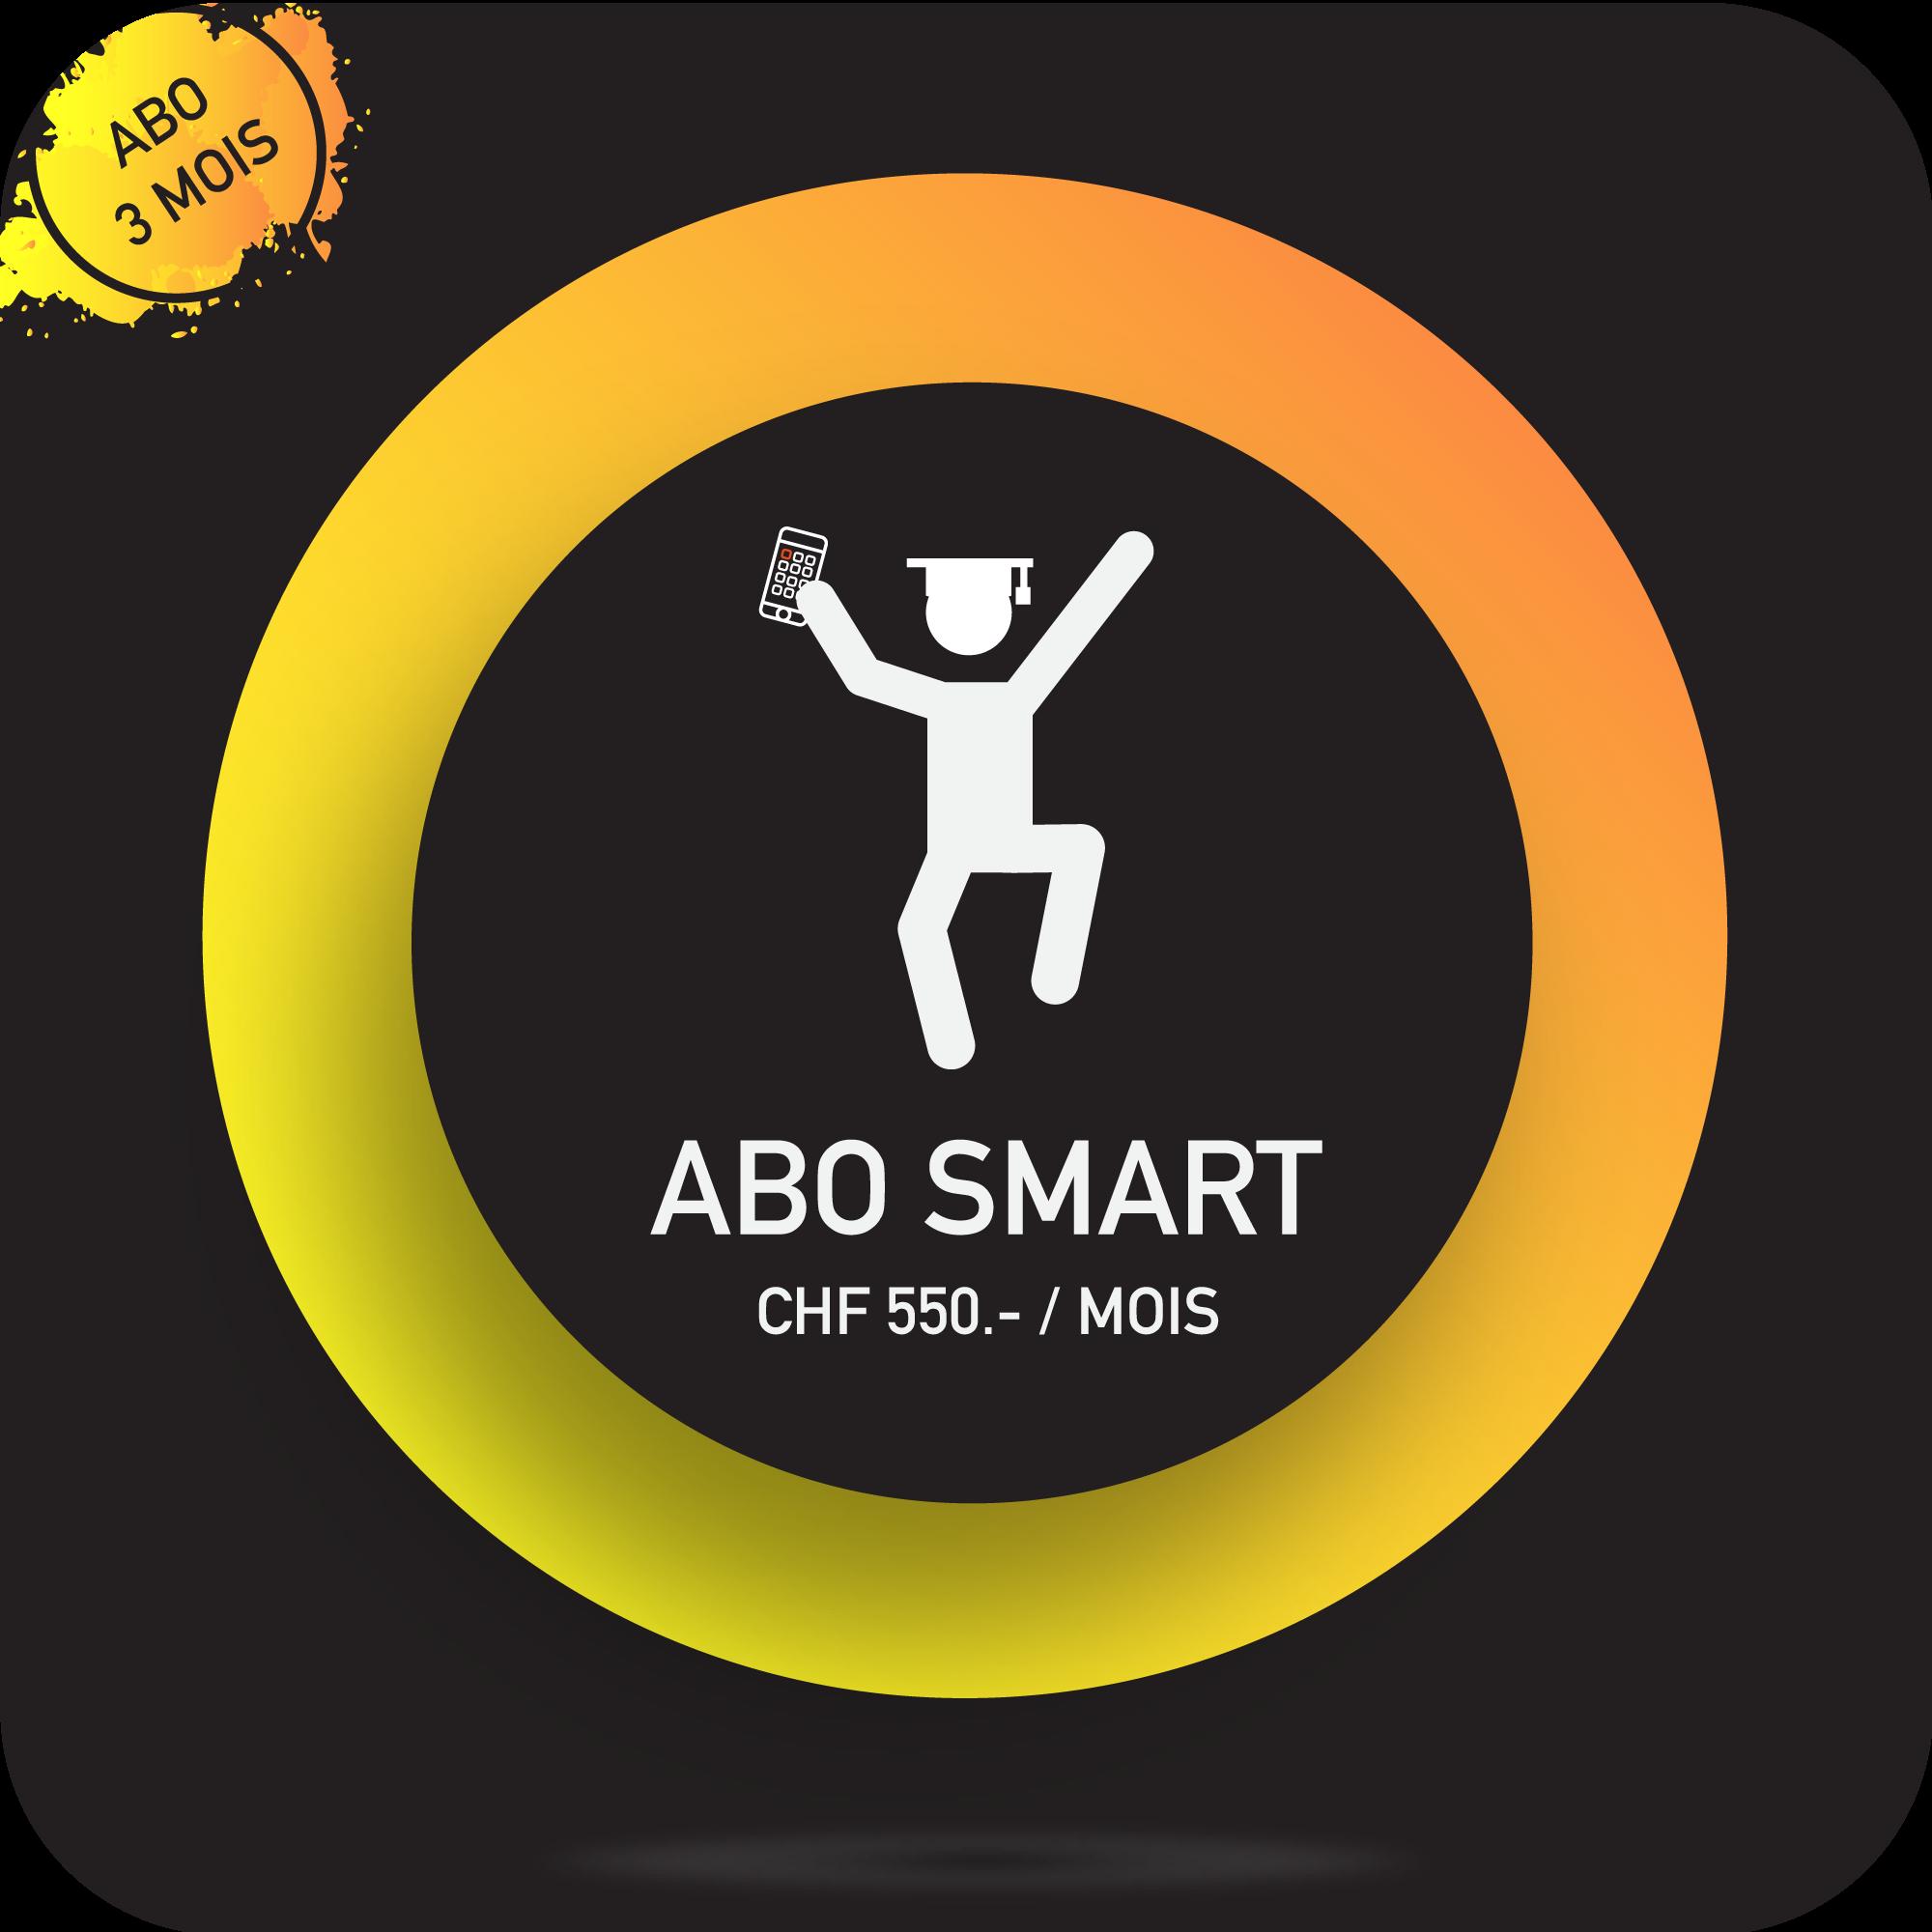 La combinaison Smart - Une abonnement de 3 mois avec une séance de personal training hebdomadaire combiné à du coaching à distance avec ton coach YD Motivator